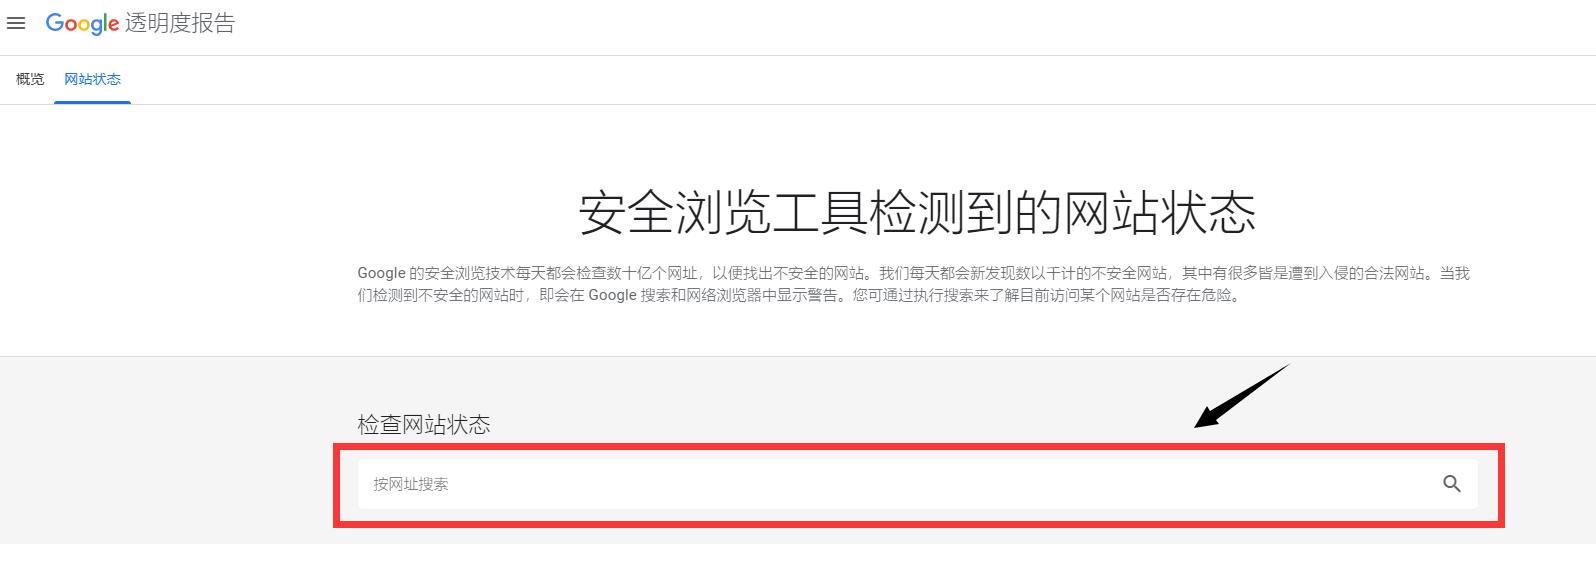 谷歌安全浏览工具检测